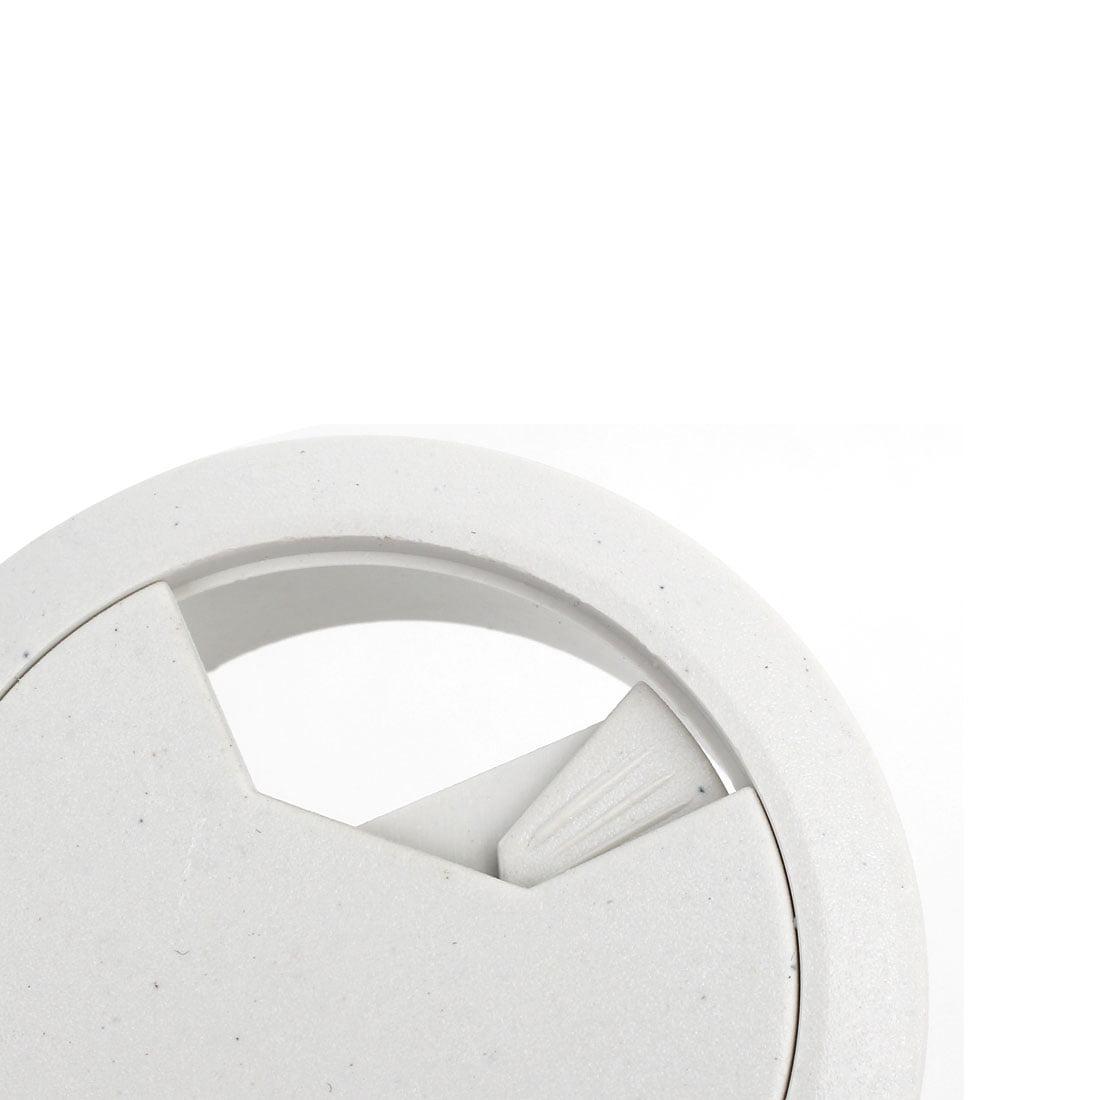 Ordinateur Bureau Plastique Rond illet Cable Filaire Couvre-trou Blanc 50mm Diamètre 10pcs - image 2 de 3